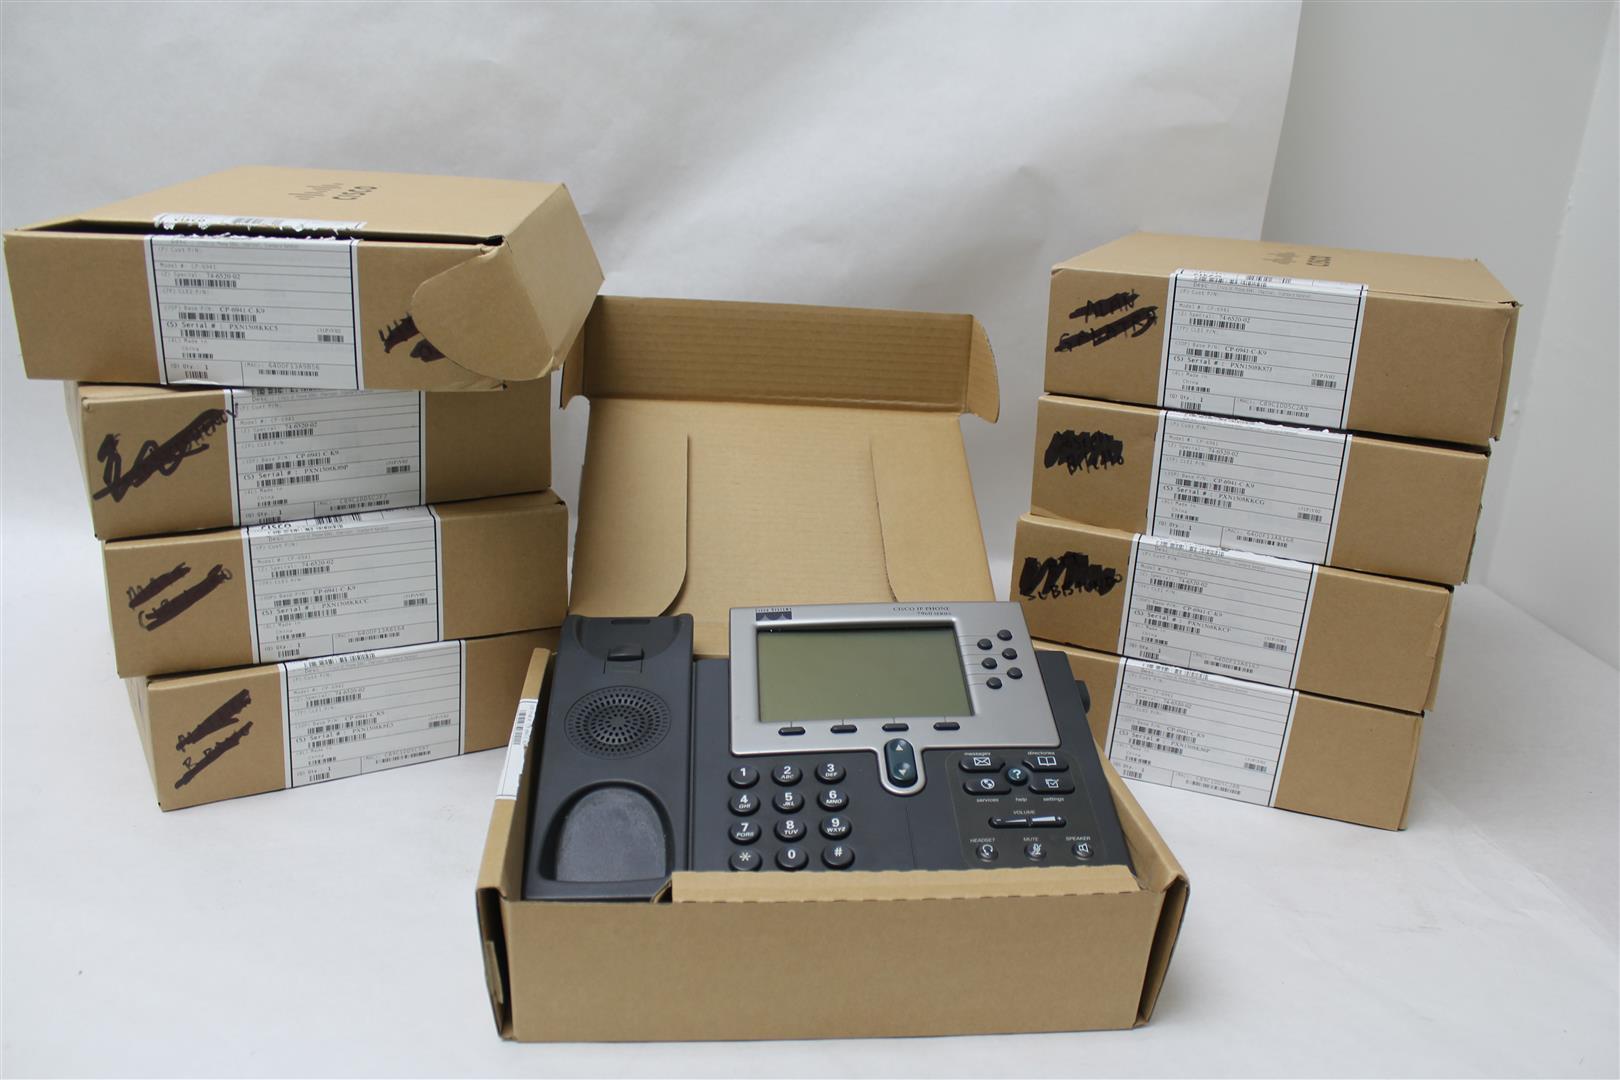 lot of 9 cisco 7960 series voip ip business phones 7960g missing handsets ebay. Black Bedroom Furniture Sets. Home Design Ideas